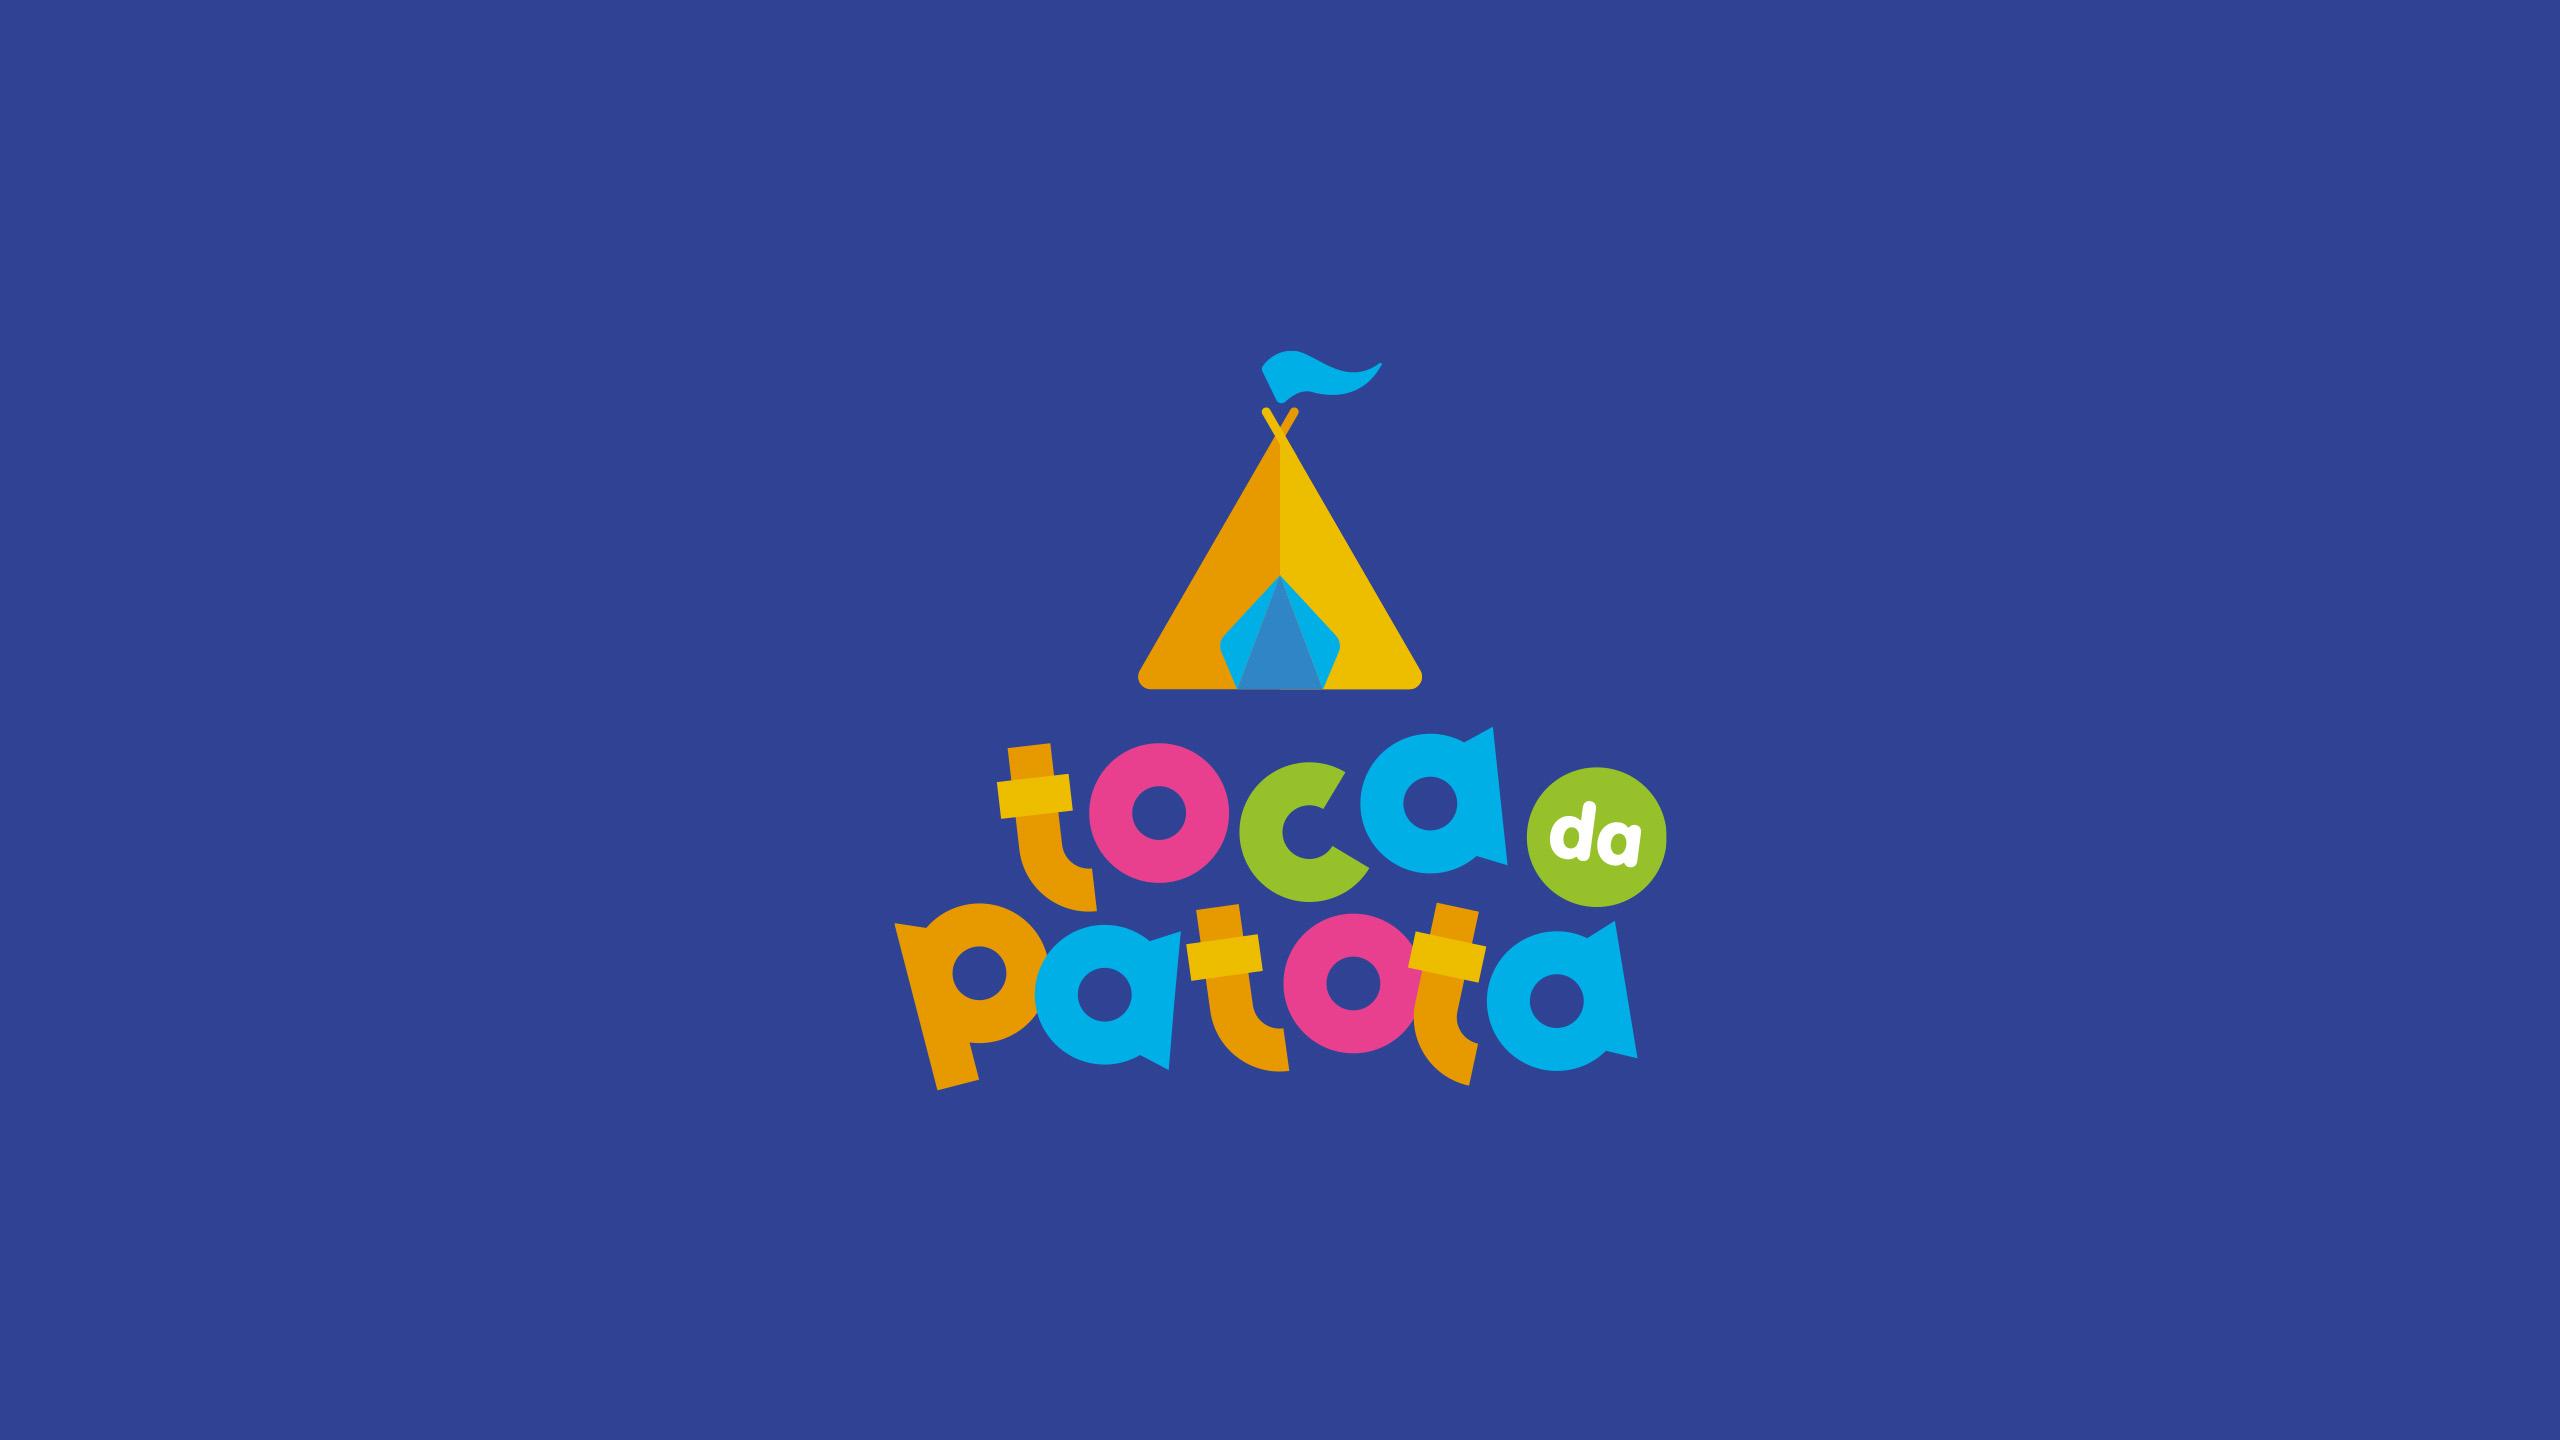 firmorama_toca-da-patota_02